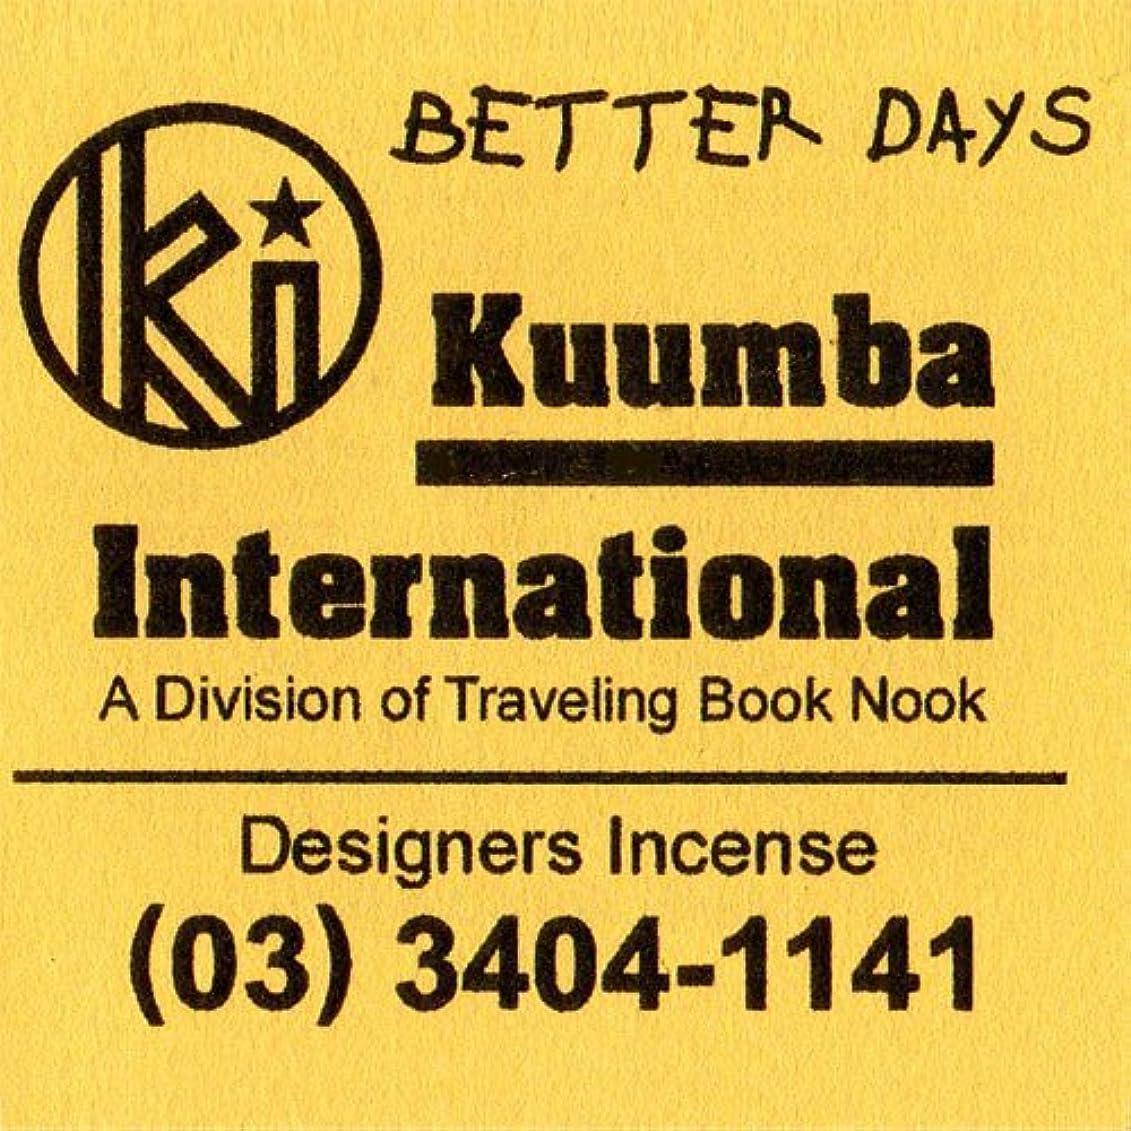 蒸留する出会い司令官KUUMBA/クンバ『incense』(BETTER DAYS) (Regular size)